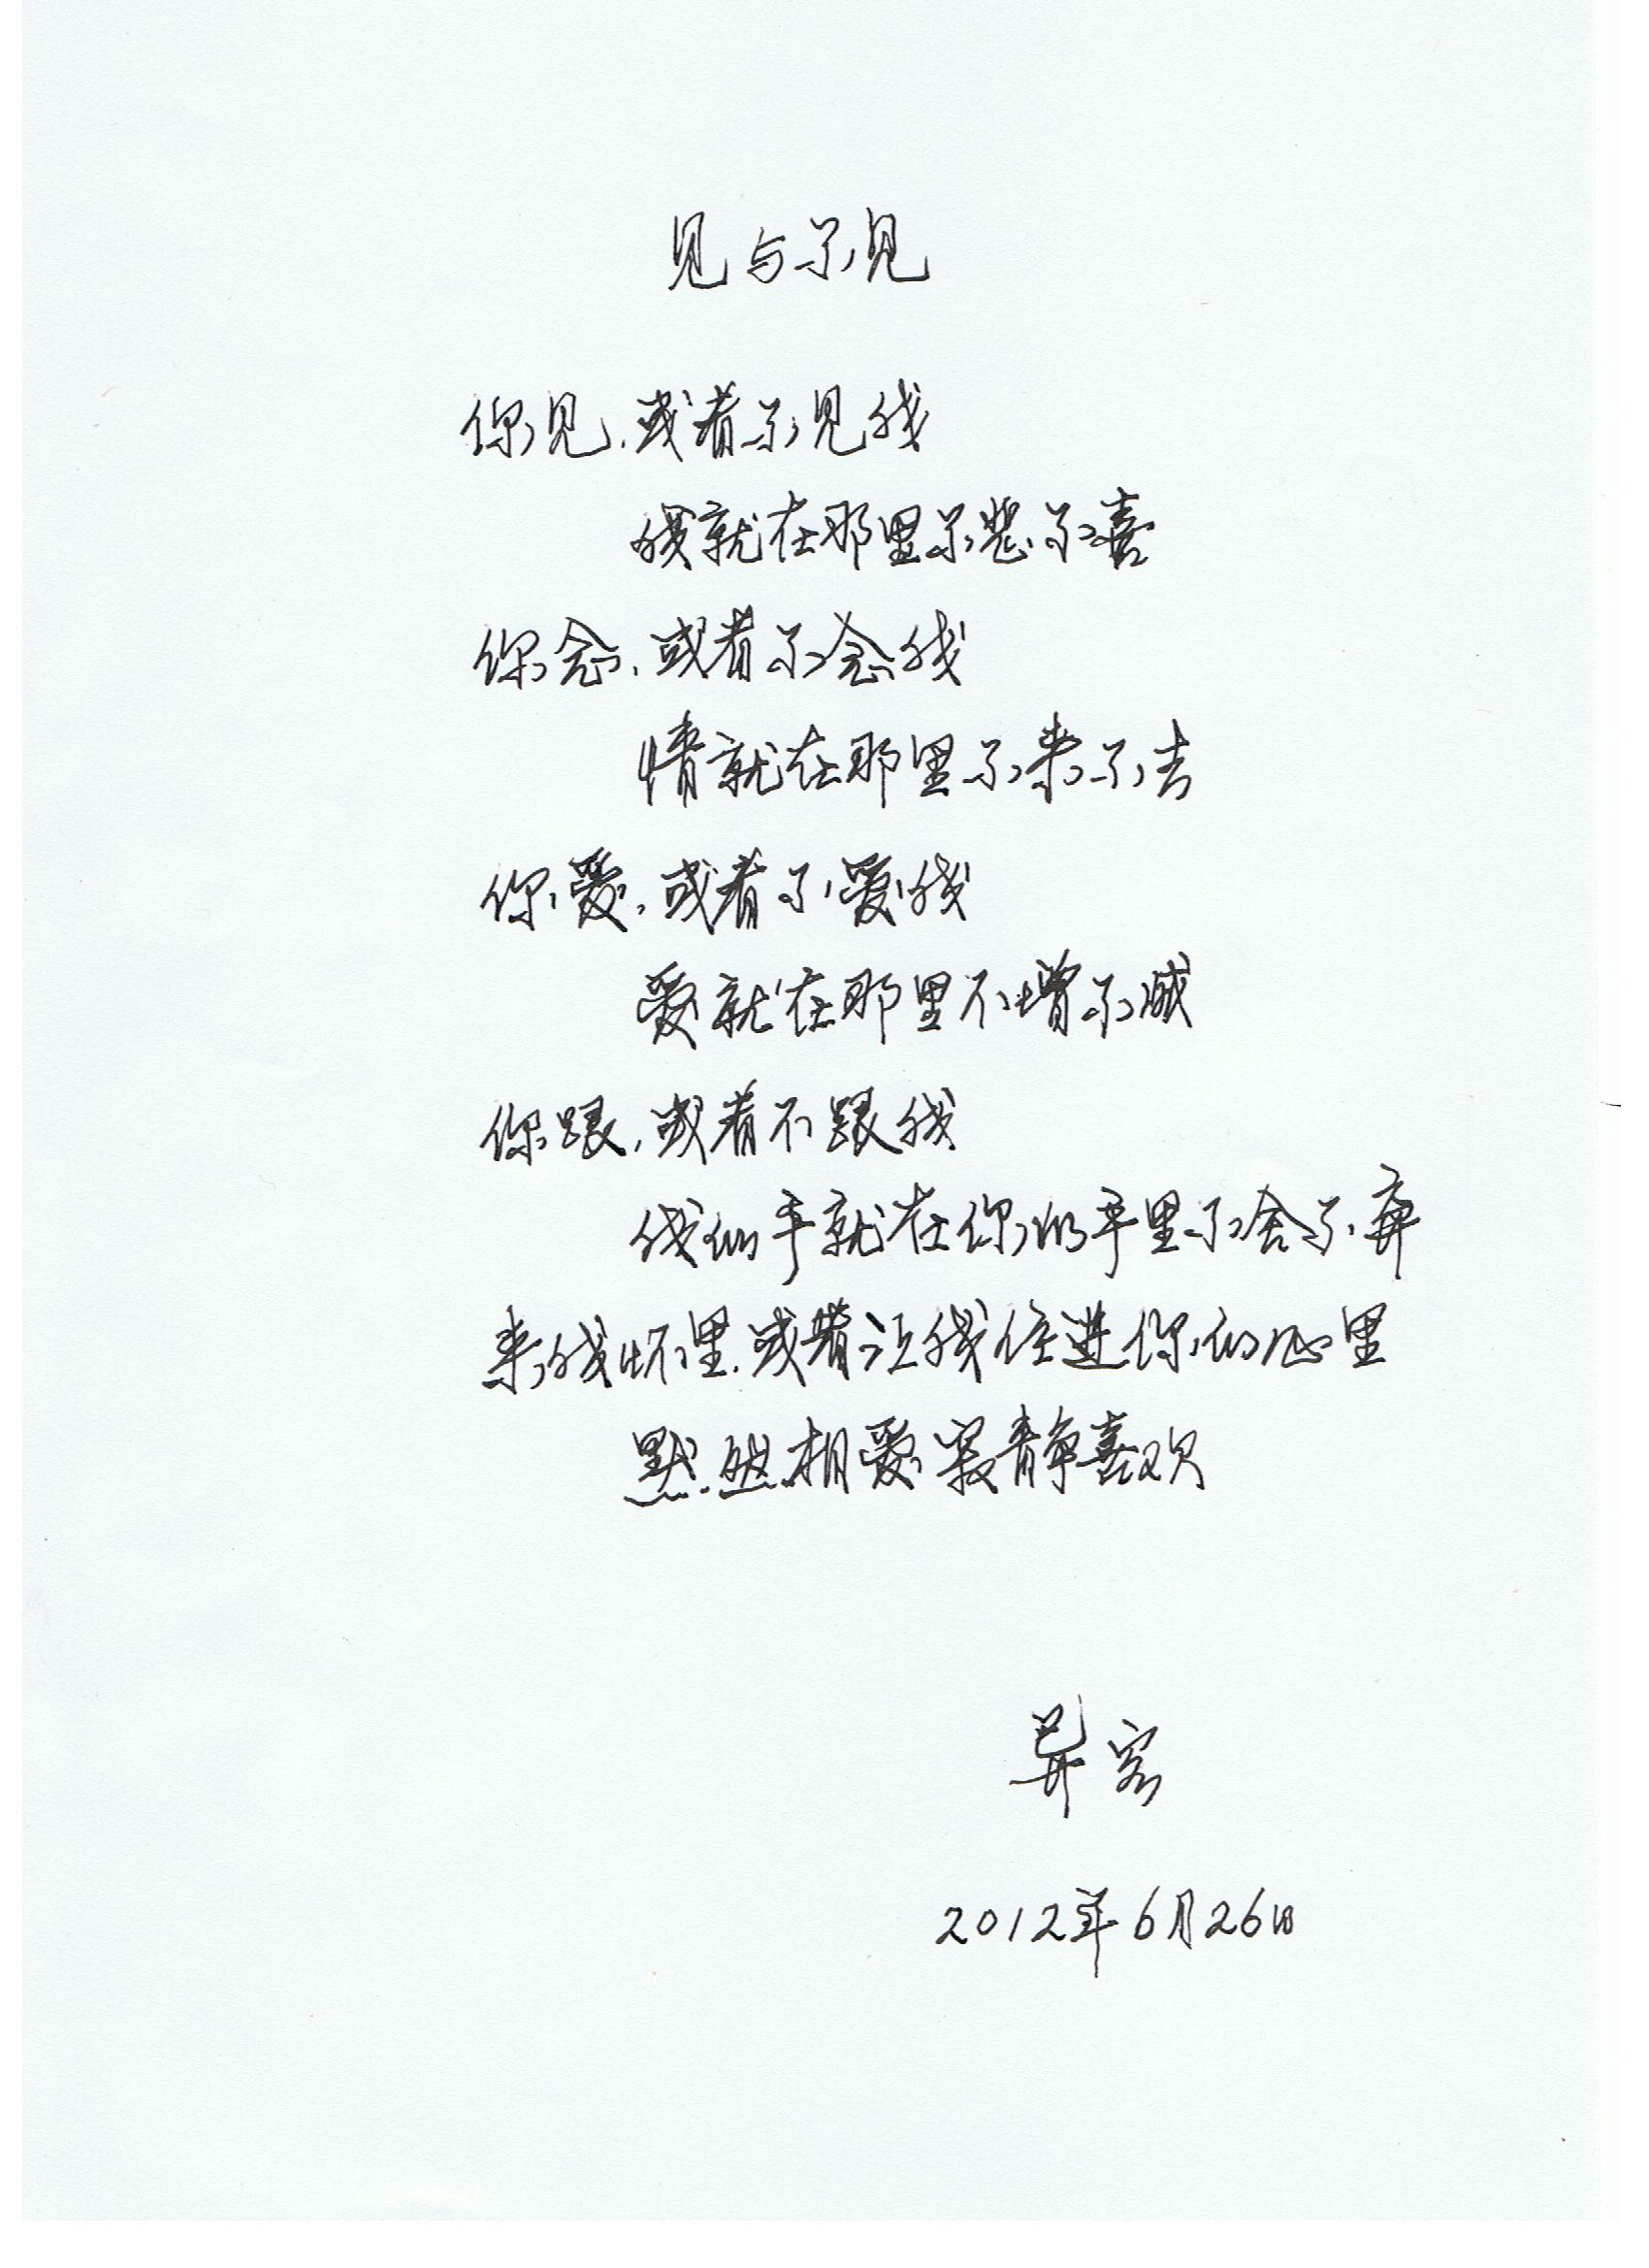 見與不見(硬筆書法參賽作品)-珍珠灣全球網-他鄉異客